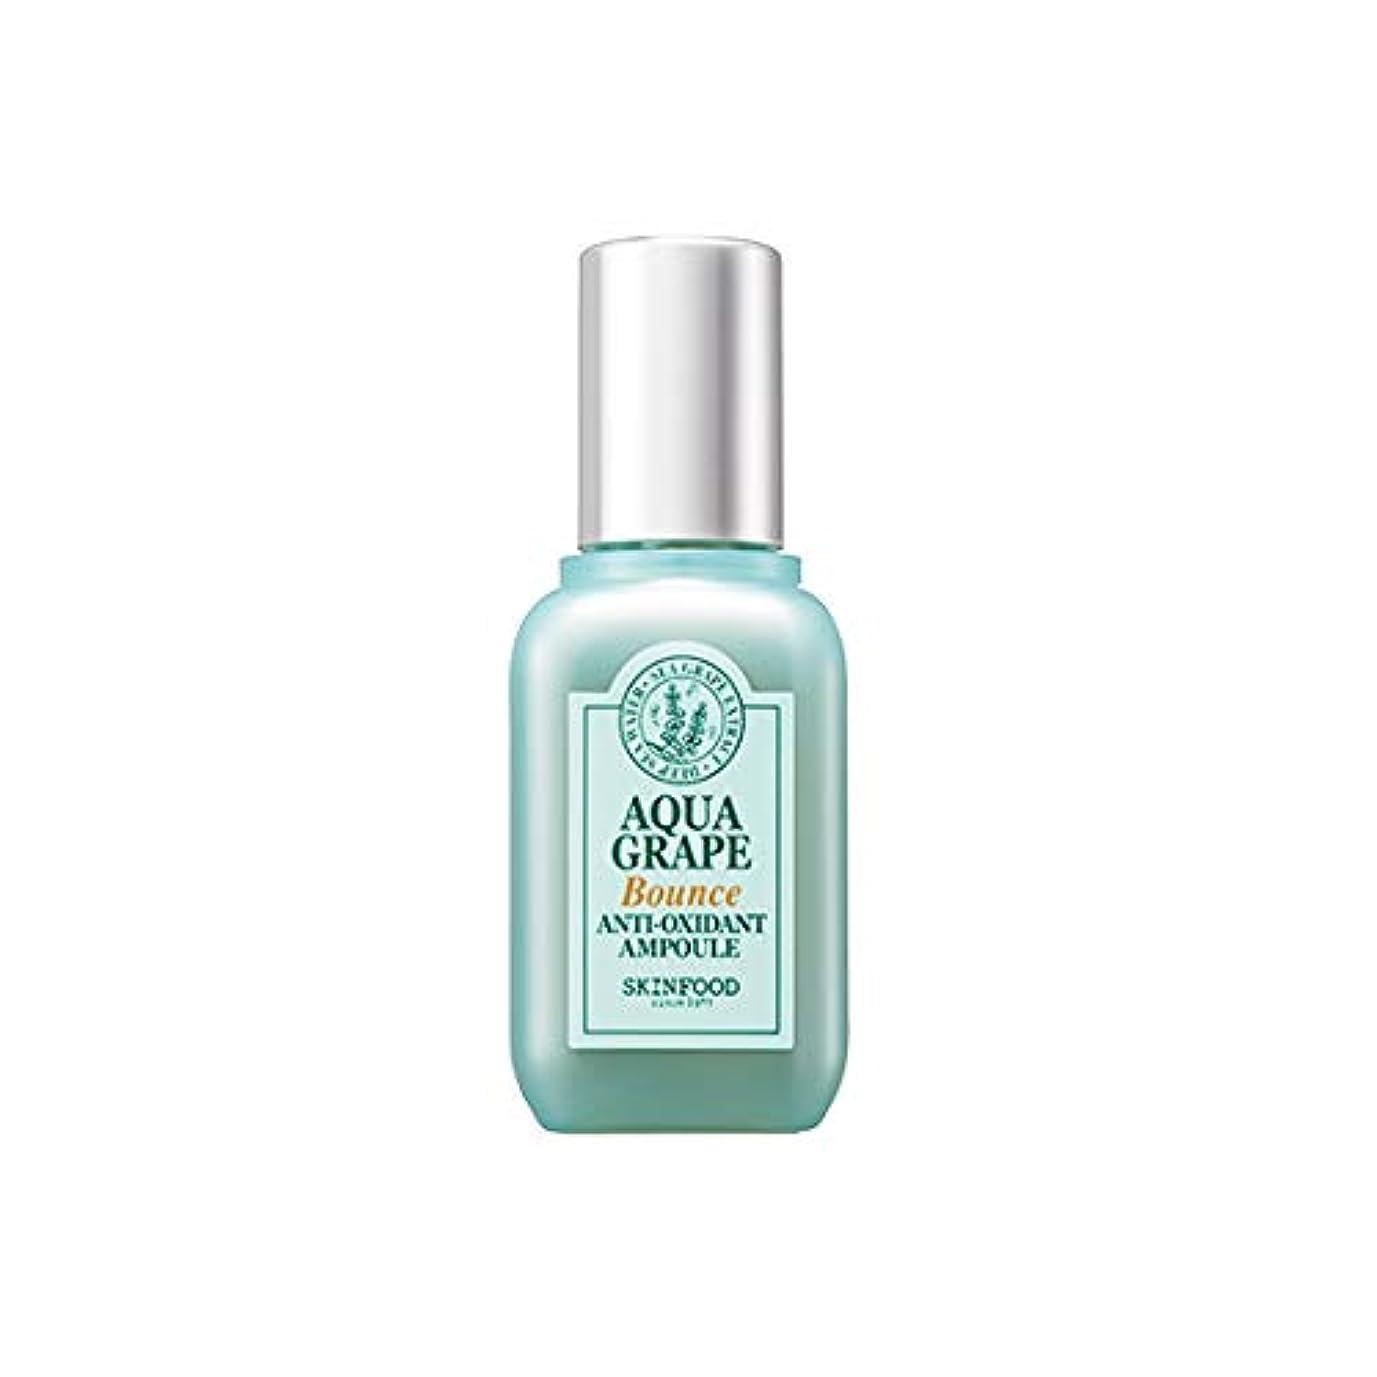 トレーニング文法行政Skinfood Aqua Grape Bounce Anti Oxidant Ampoule/アクアグレープバウンスアンチオキシダントアンプル/55g [並行輸入品]